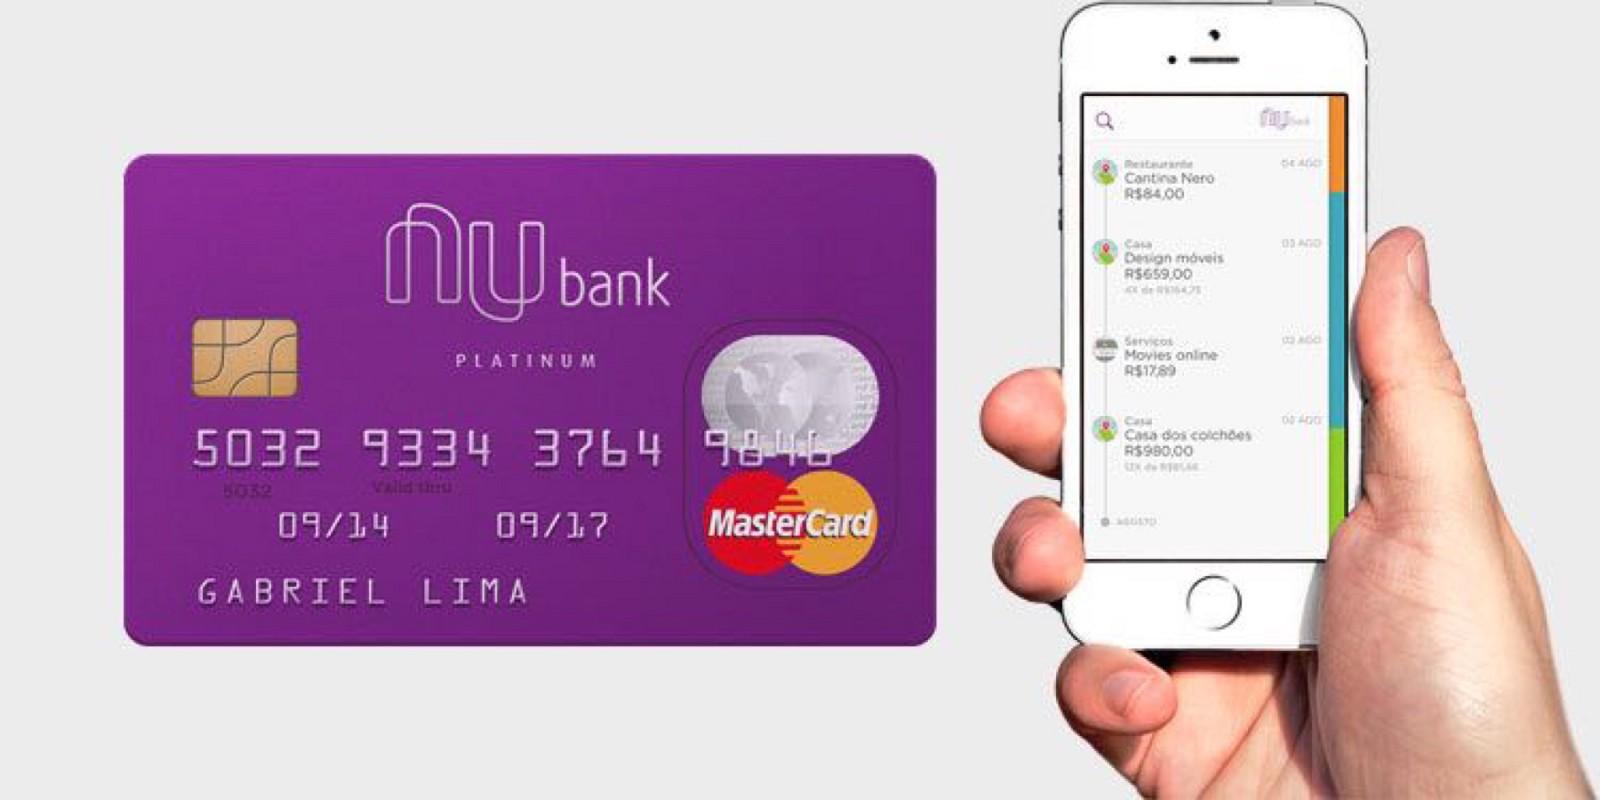 Nubank – Ganhei mais de 500,00 utilizando o cartão e simplifiquei a minha vida